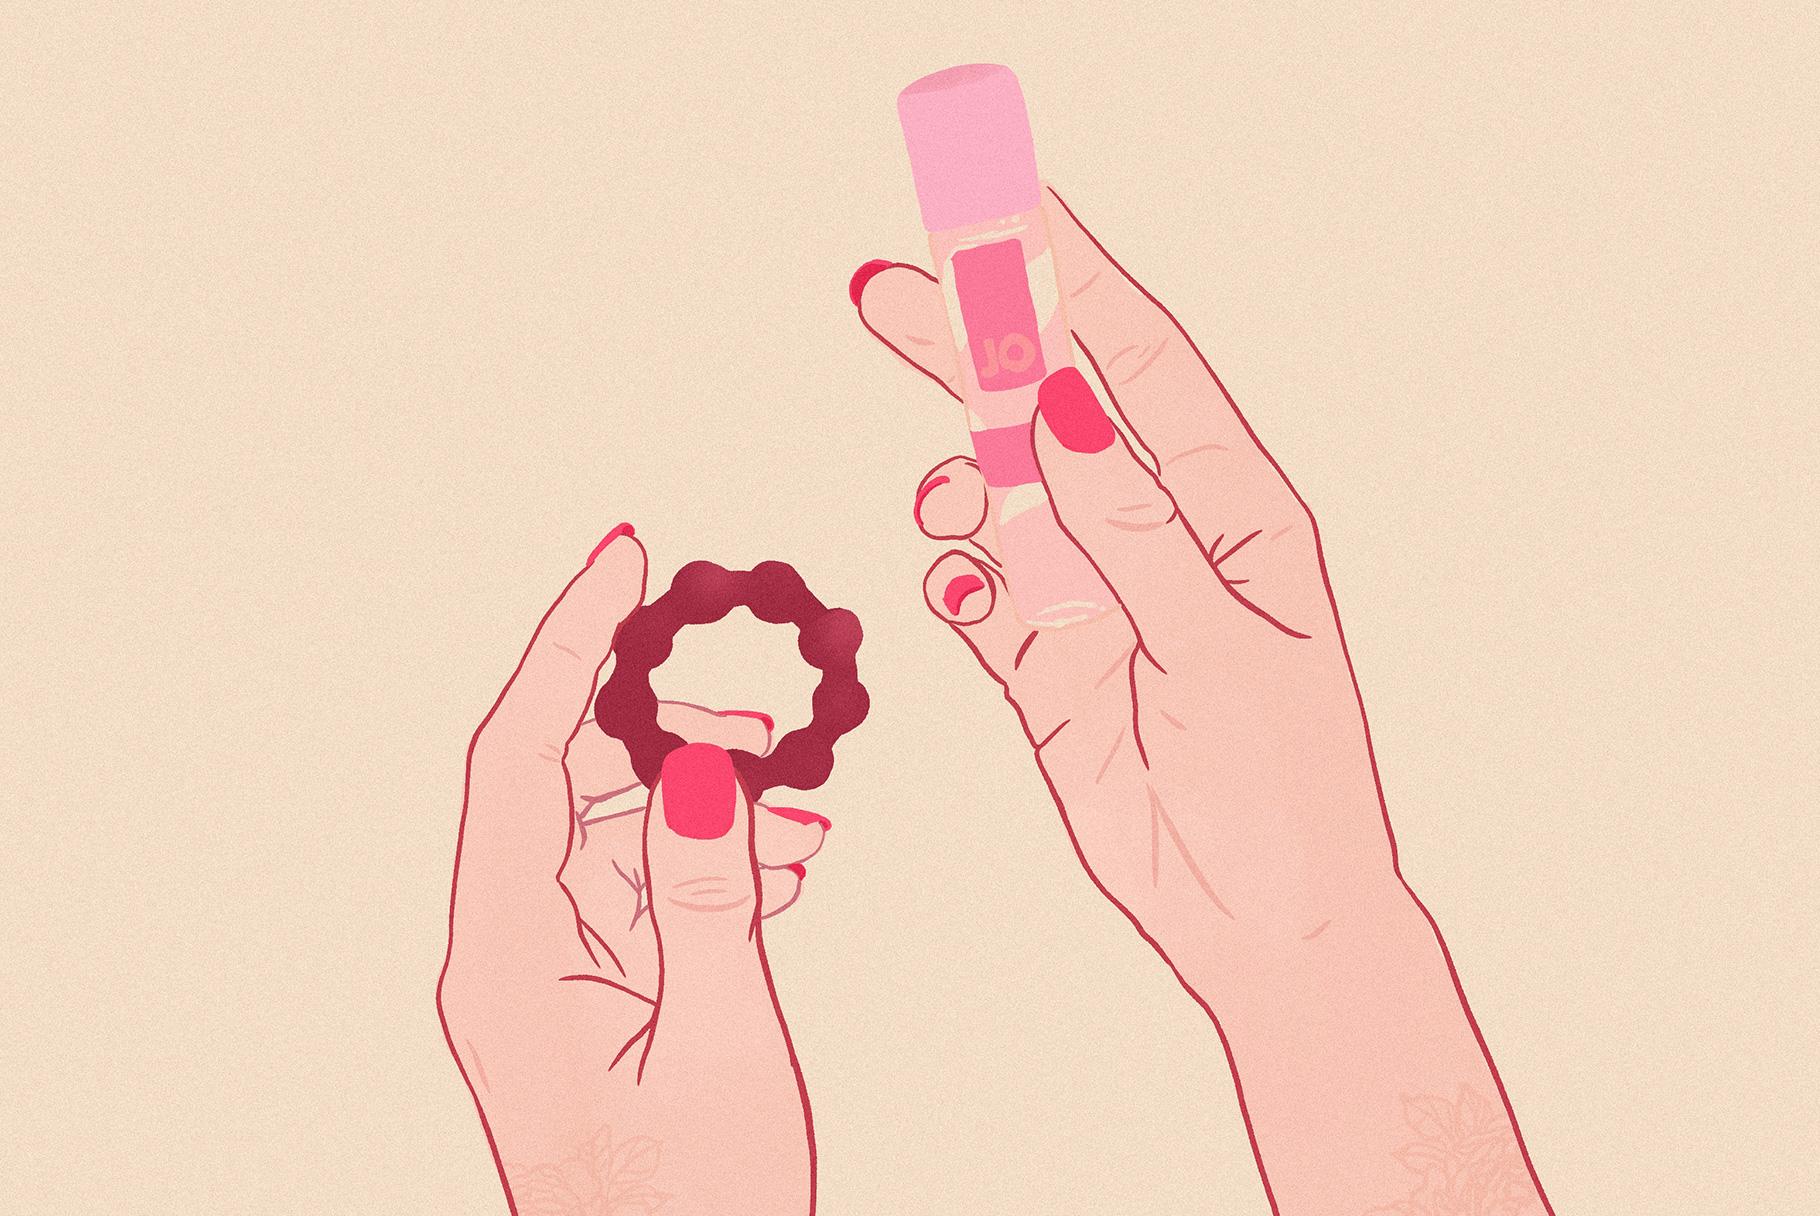 Jak używać i jak dobrać odpowiedni pierścień erekcyjny? | Poradnik